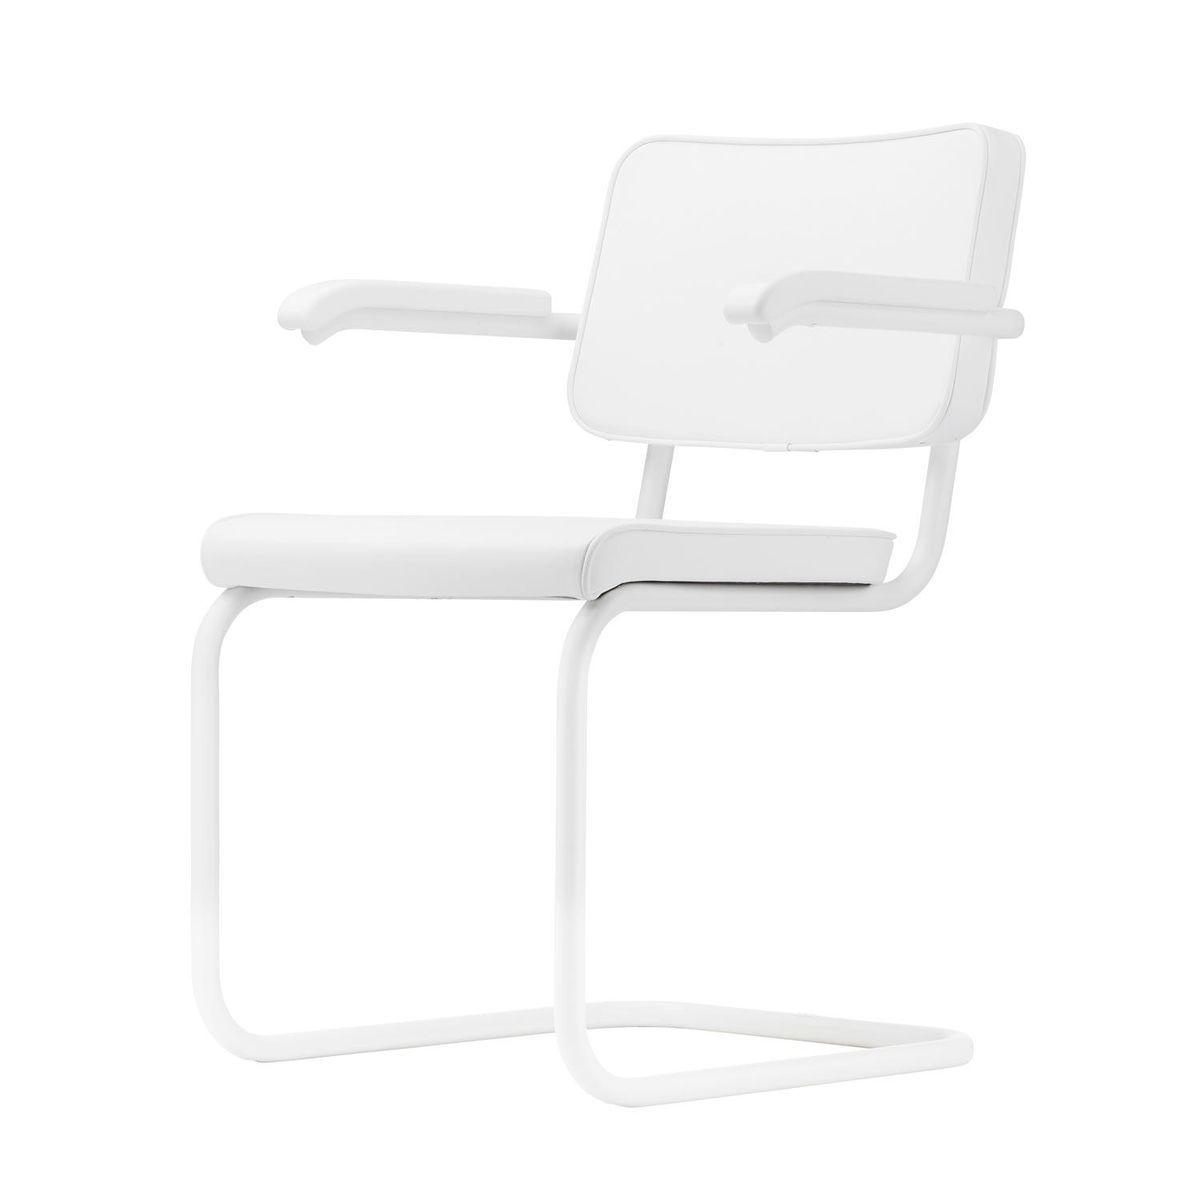 s 64 freischwinger stuhl black white thonet thonet s 64. Black Bedroom Furniture Sets. Home Design Ideas